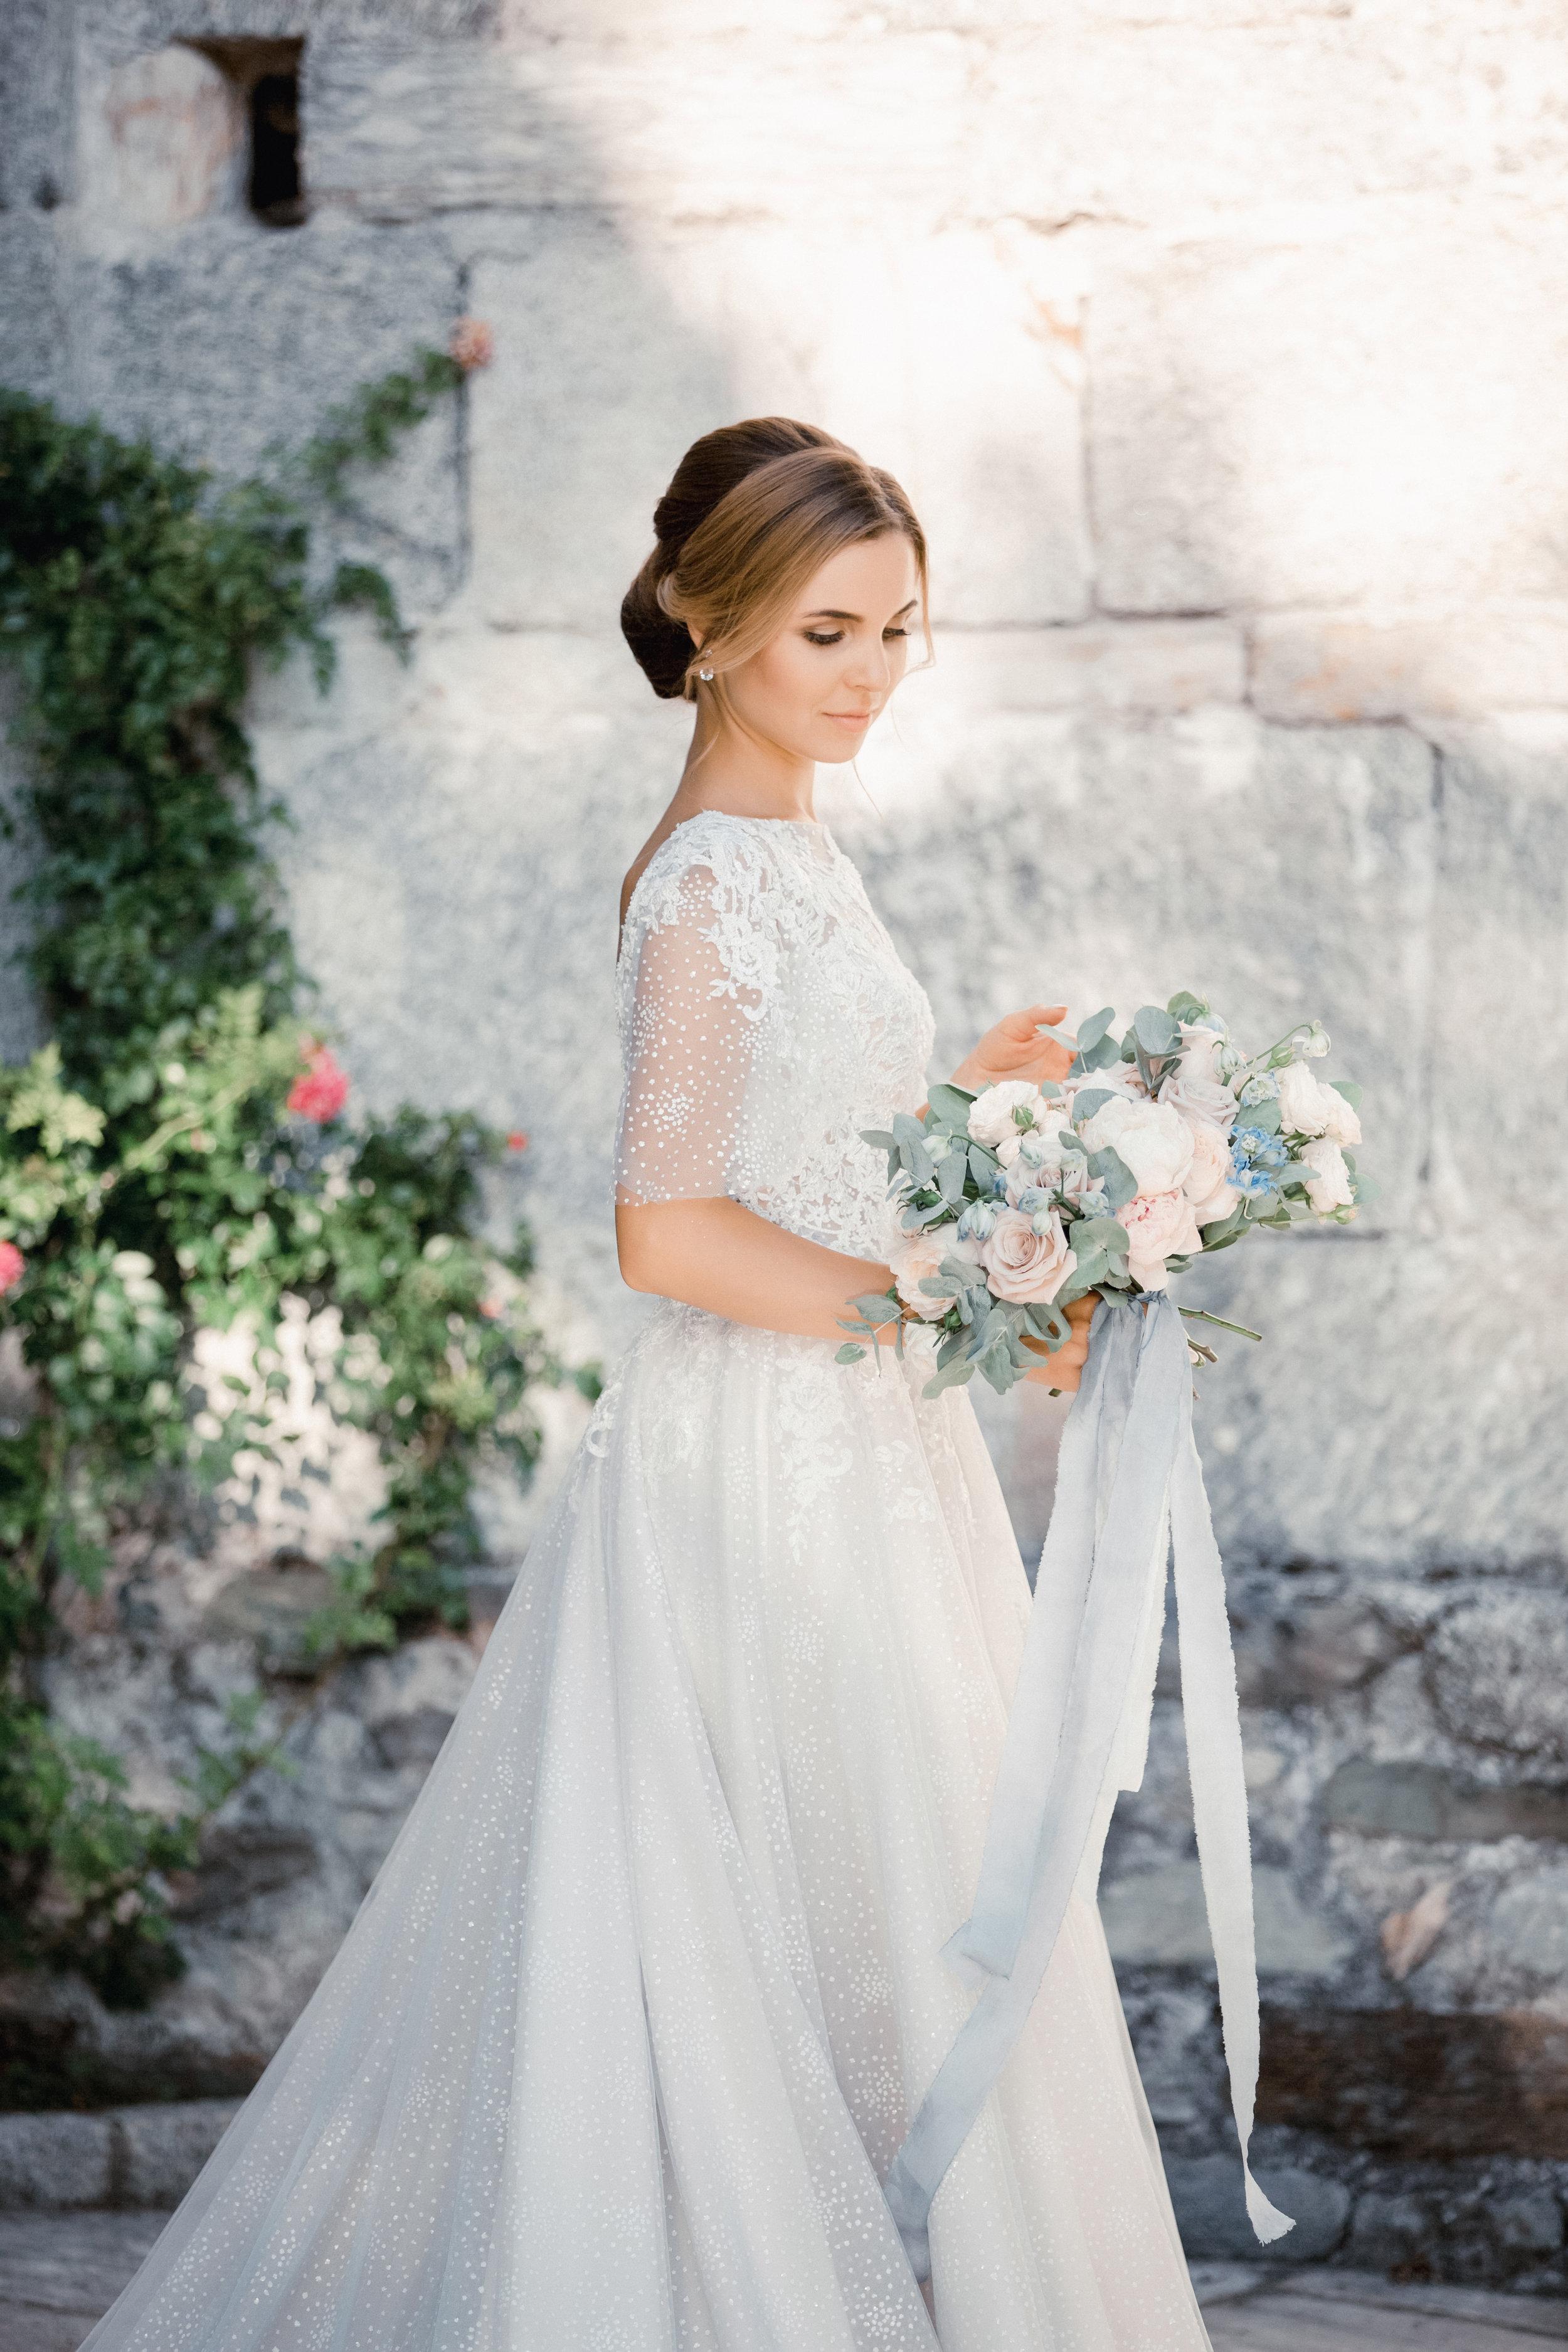 170822-365-Marina-Fadeeva-wedding-photographer.jpg